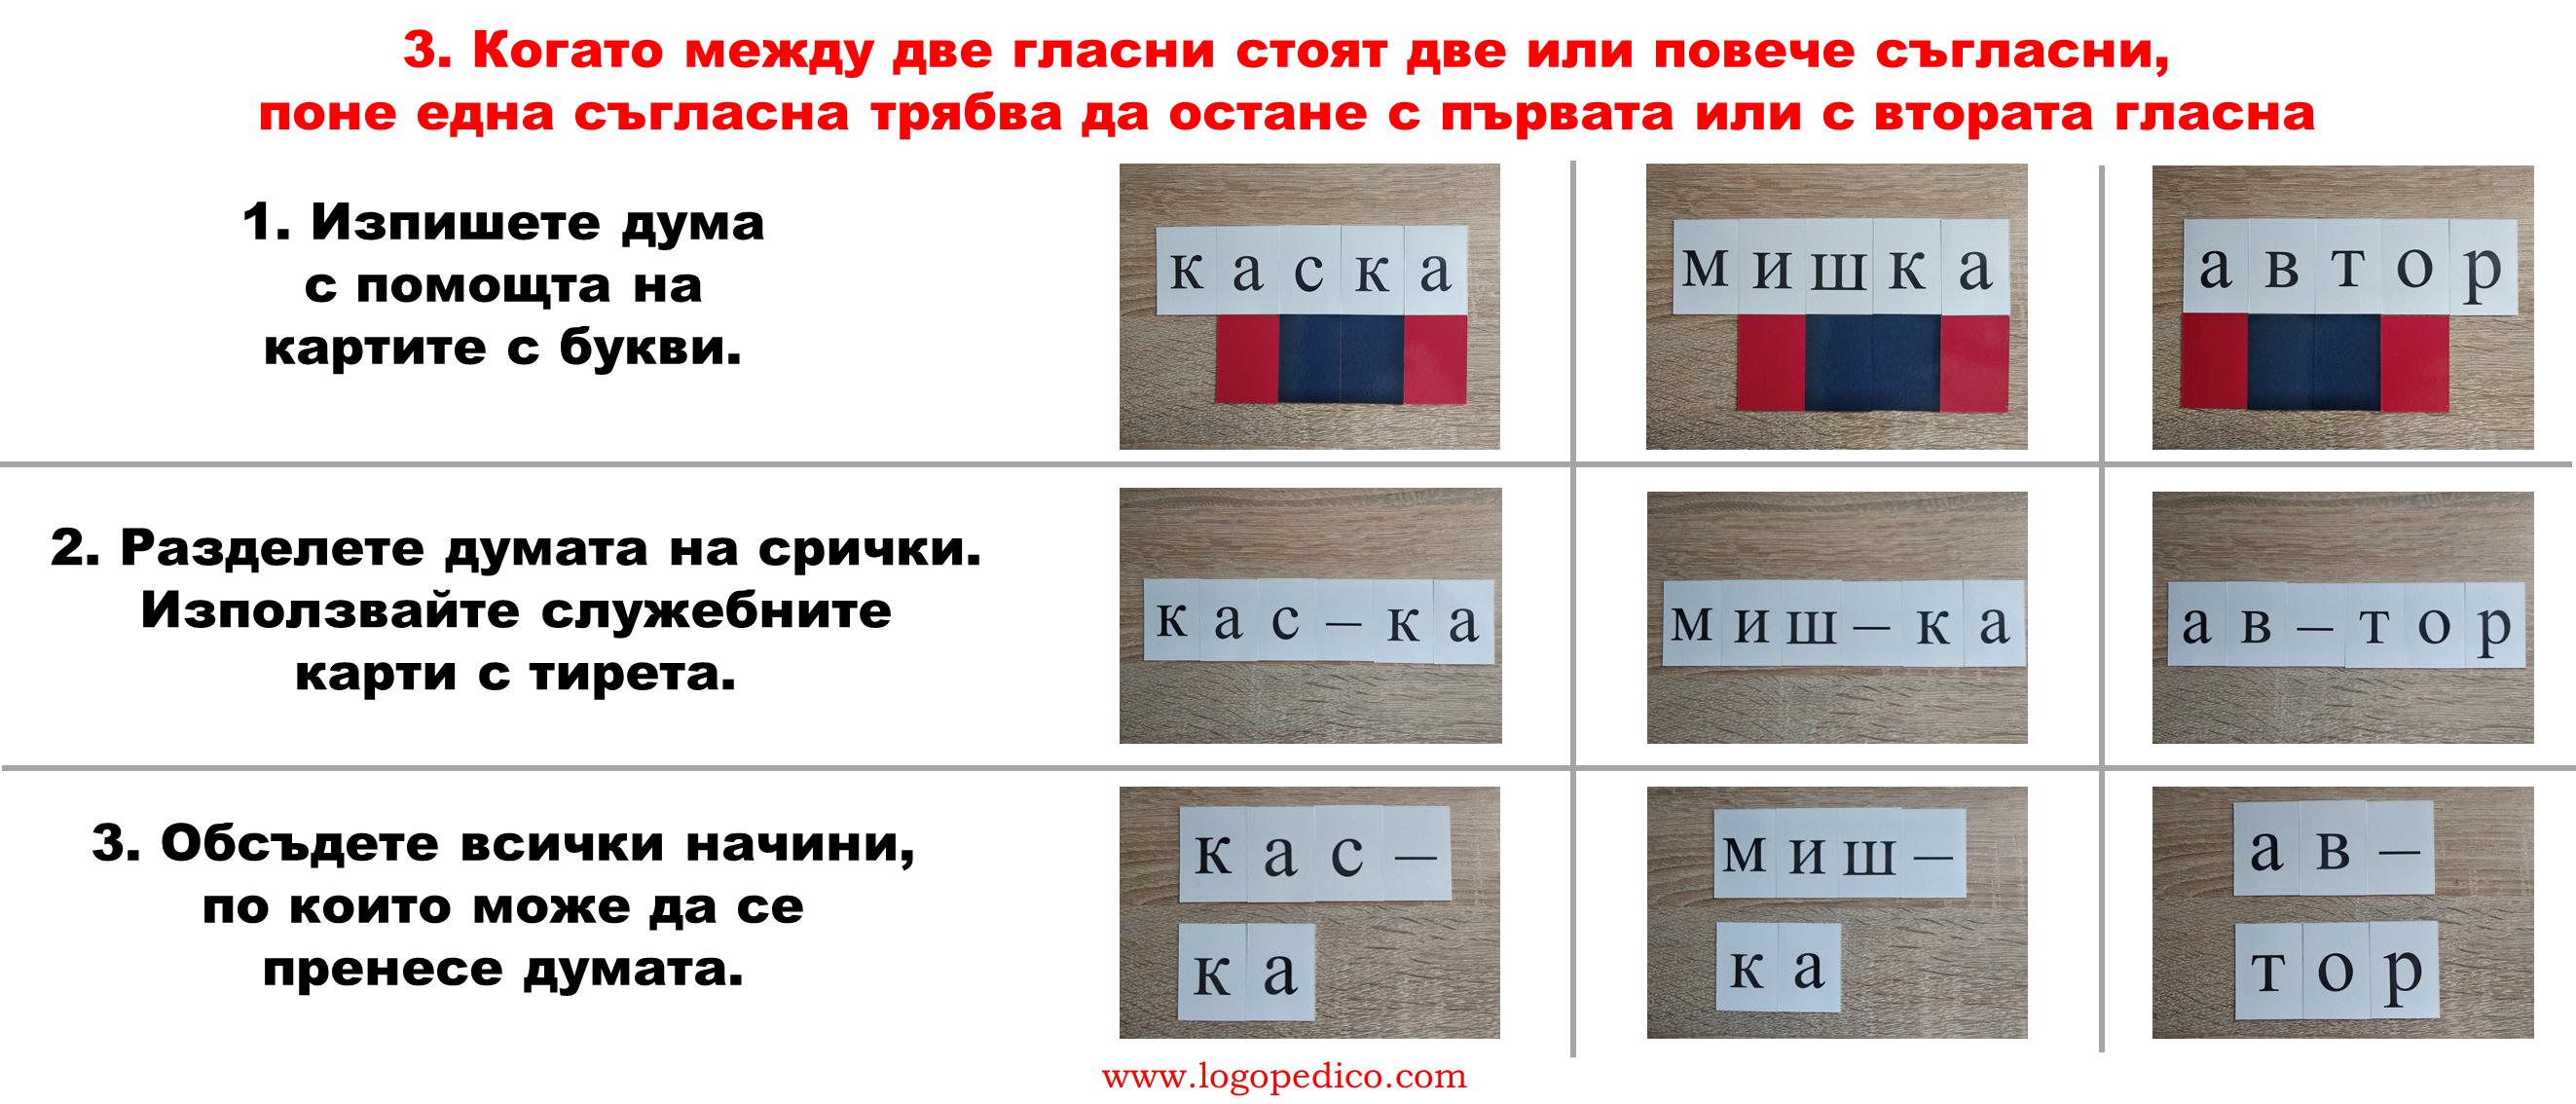 Логопедико - 2 saglasni - образователни помагала, занимания и материали